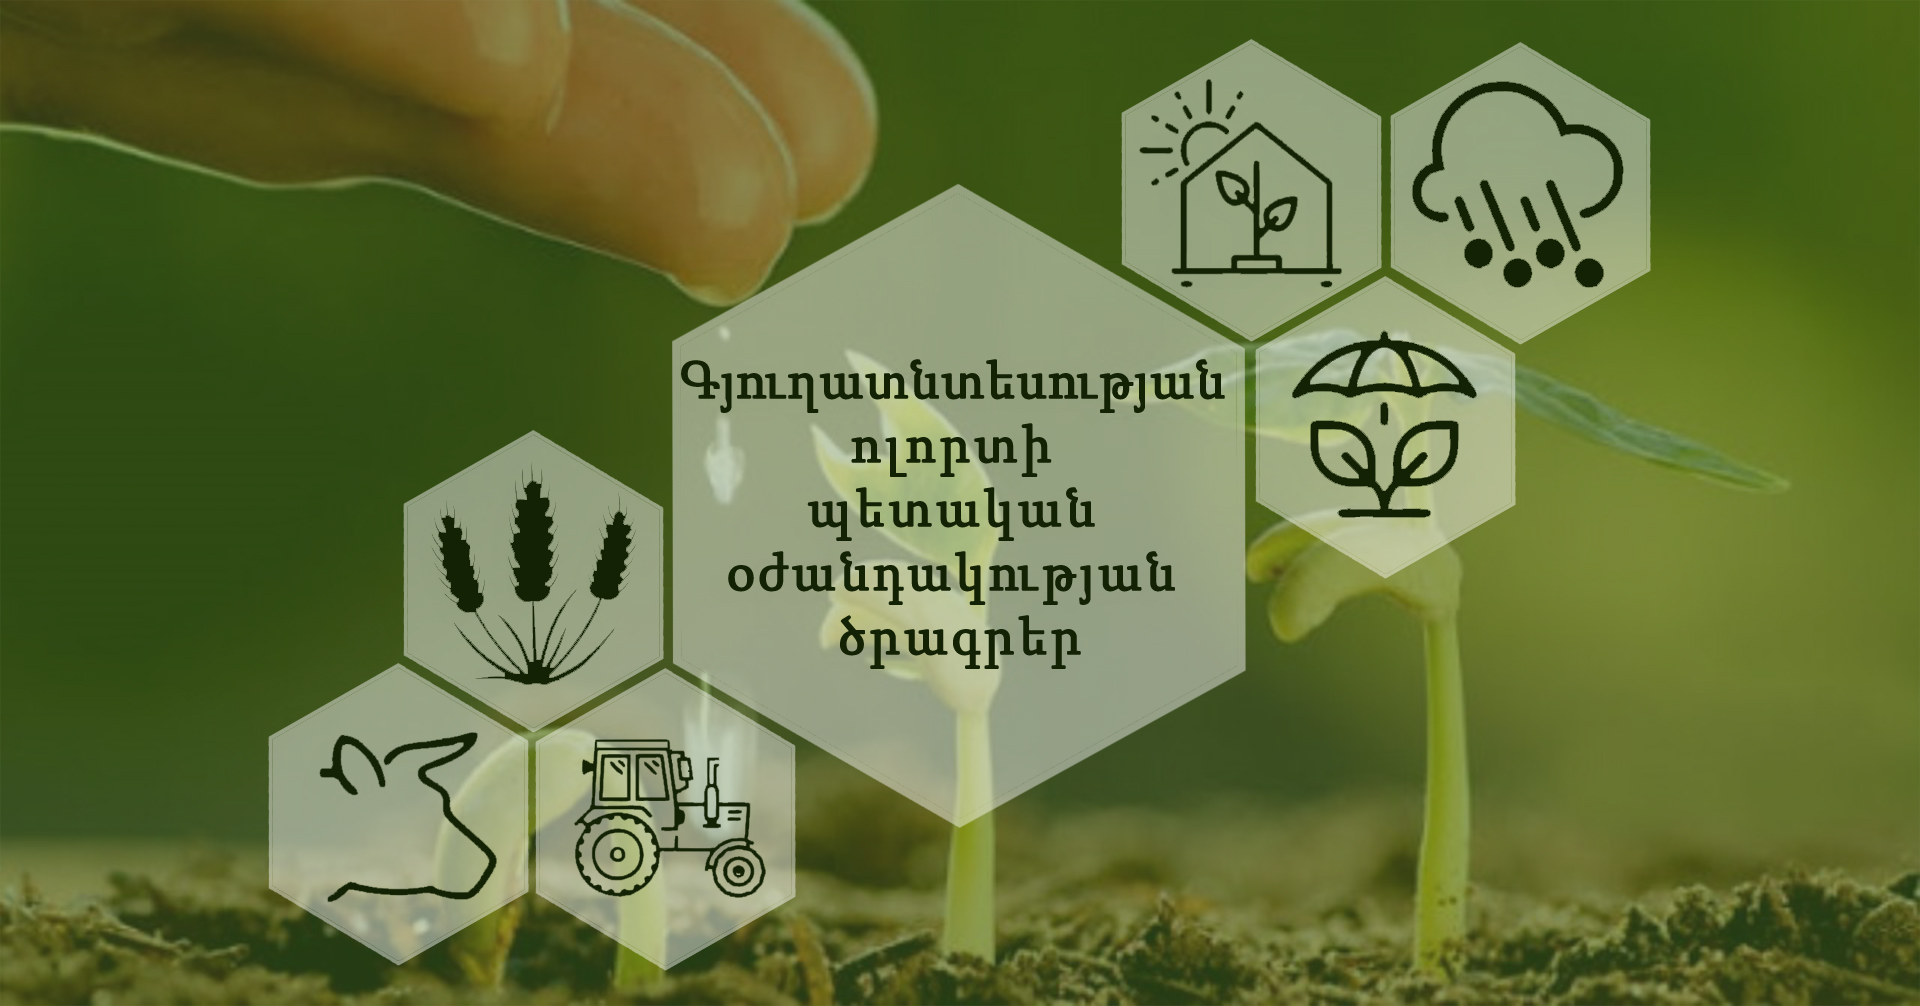 Ամփոփվել են գյուղատնտեսության ոլորտի պետական աջակցության ծրագրերը